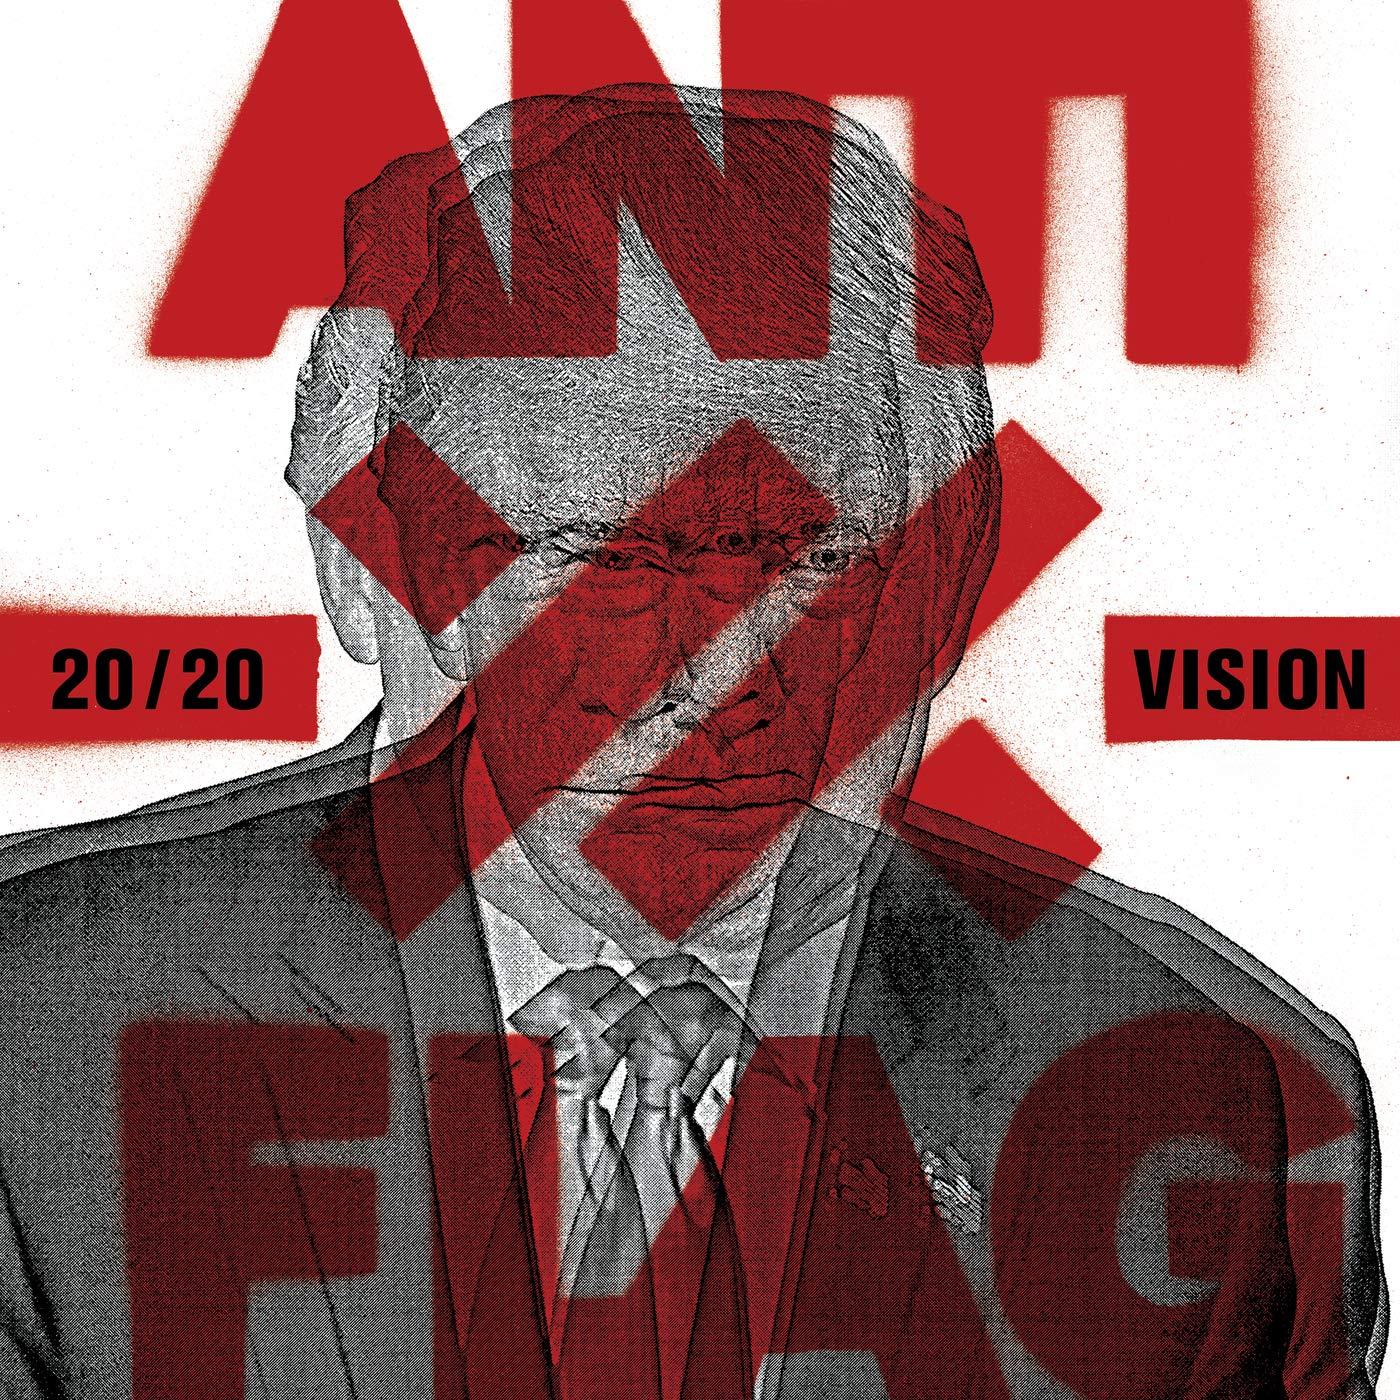 Az ellenállás él! | Anti-Flag – 20/20 Vision (2020)